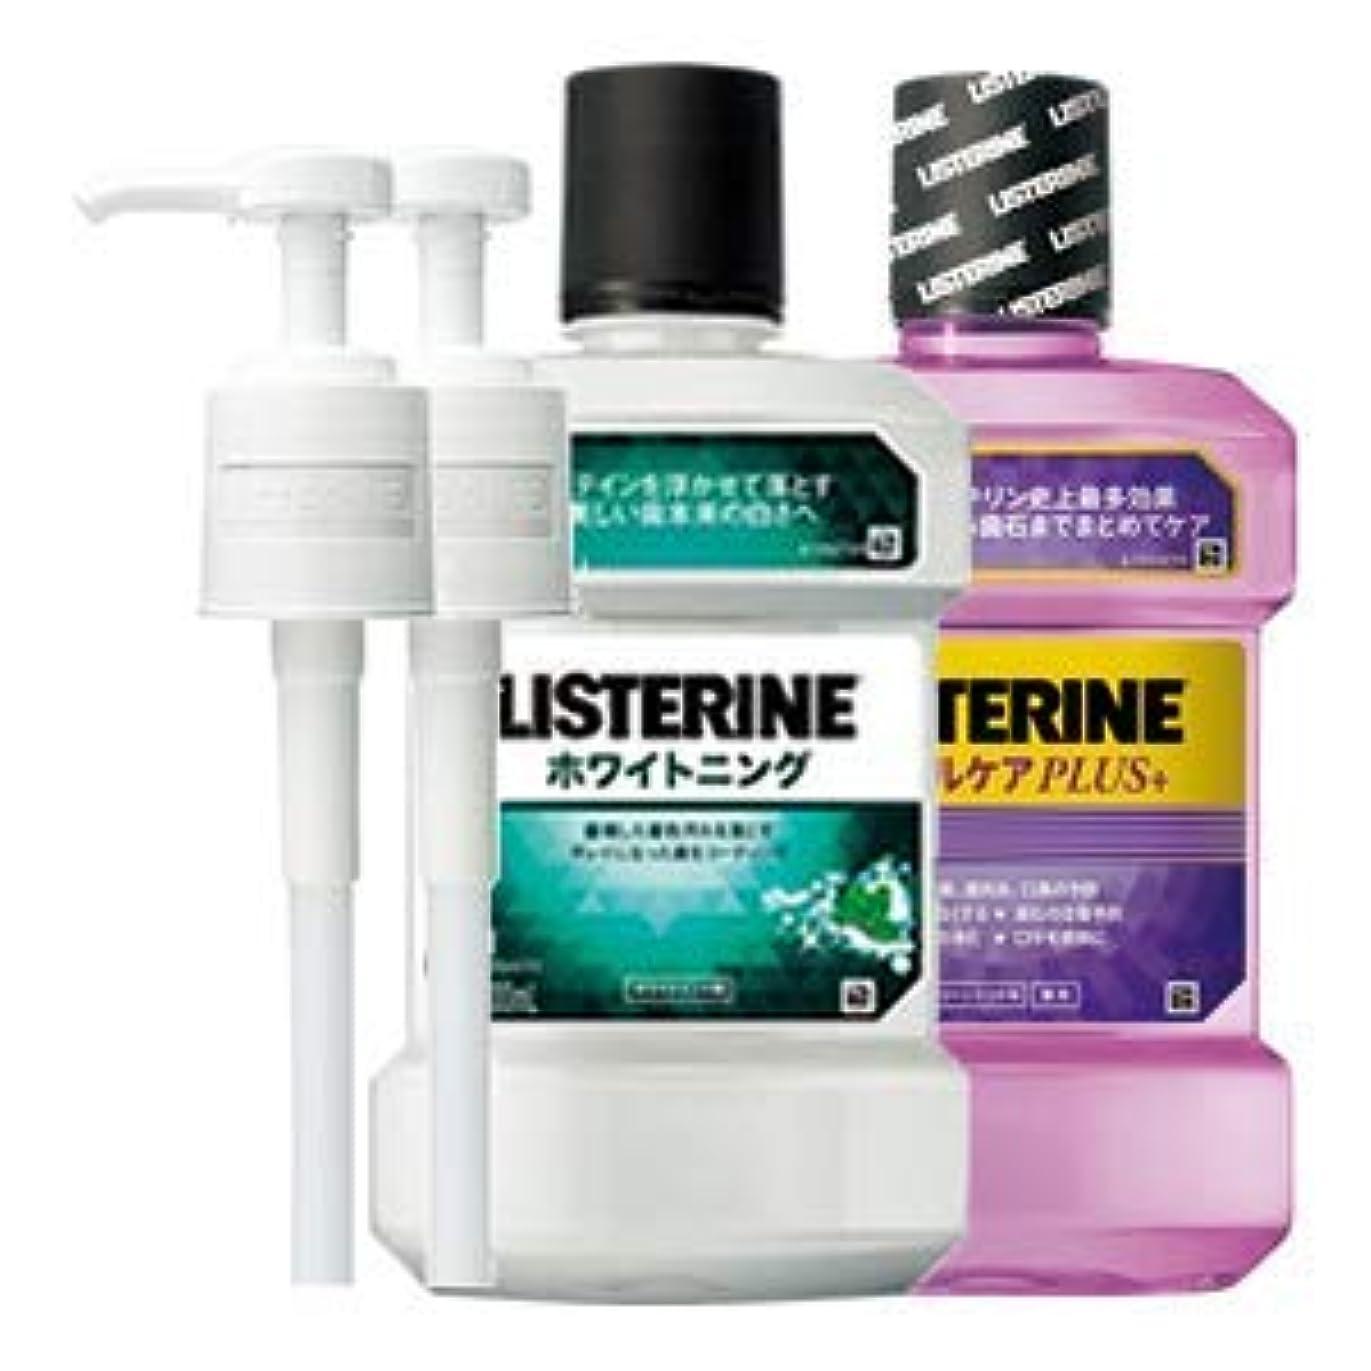 直接食器棚インタフェース薬用 リステリン ホワイトニング トータルケアプラス 1000mL 2点セット (ポンプ付)